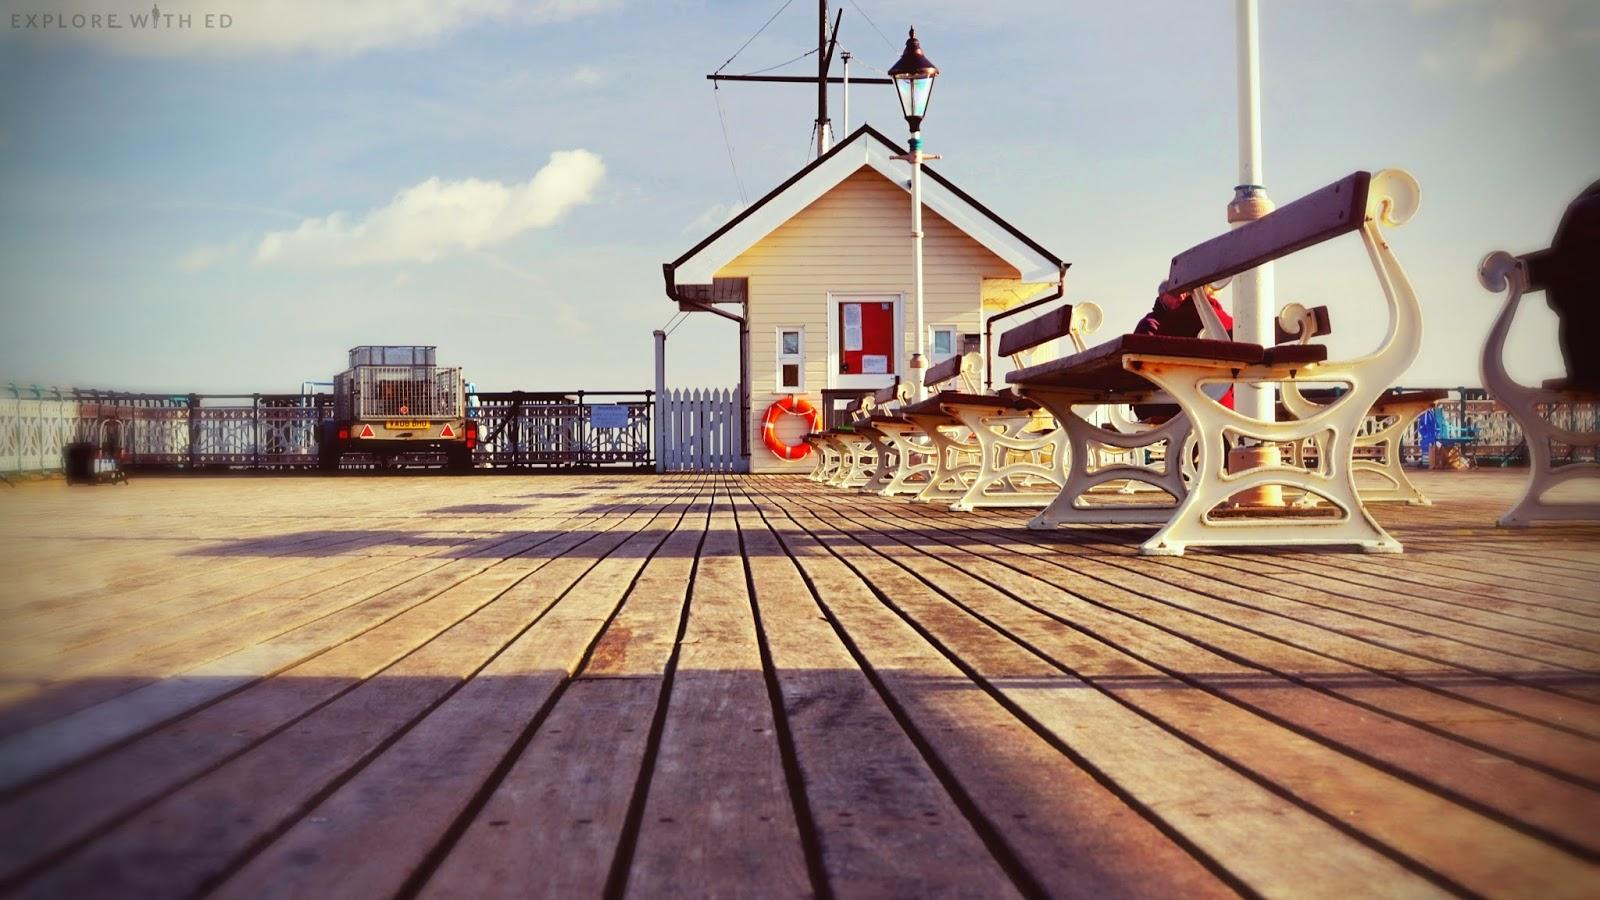 Walking along Penarth Pier